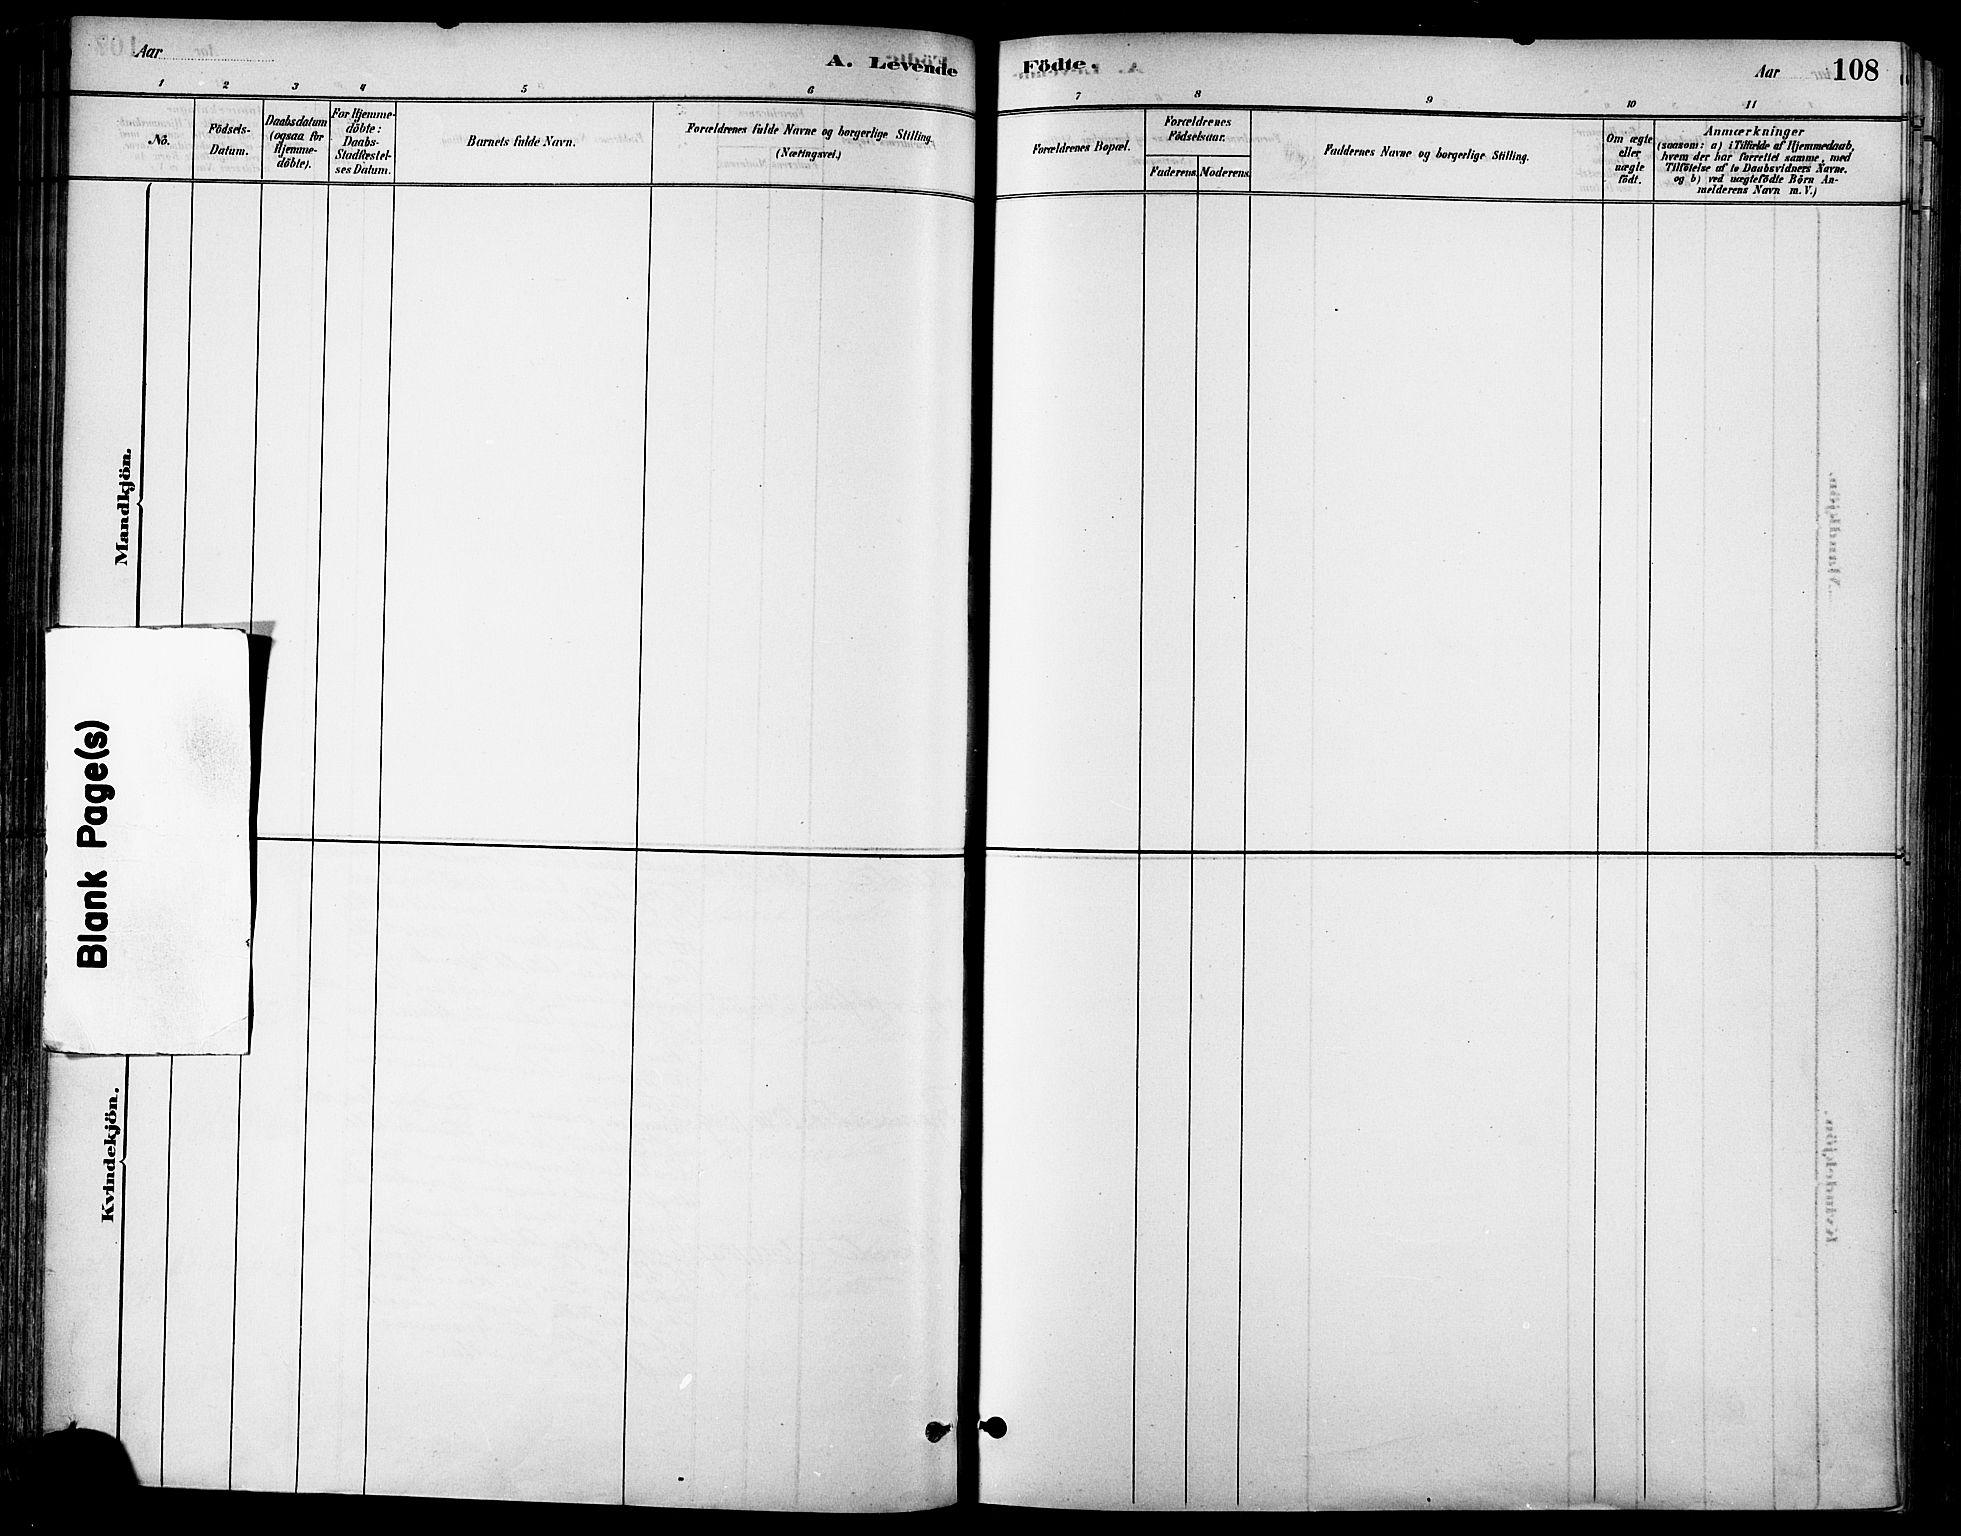 SAT, Ministerialprotokoller, klokkerbøker og fødselsregistre - Sør-Trøndelag, 678/L0901: Ministerialbok nr. 678A10, 1881-1894, s. 108